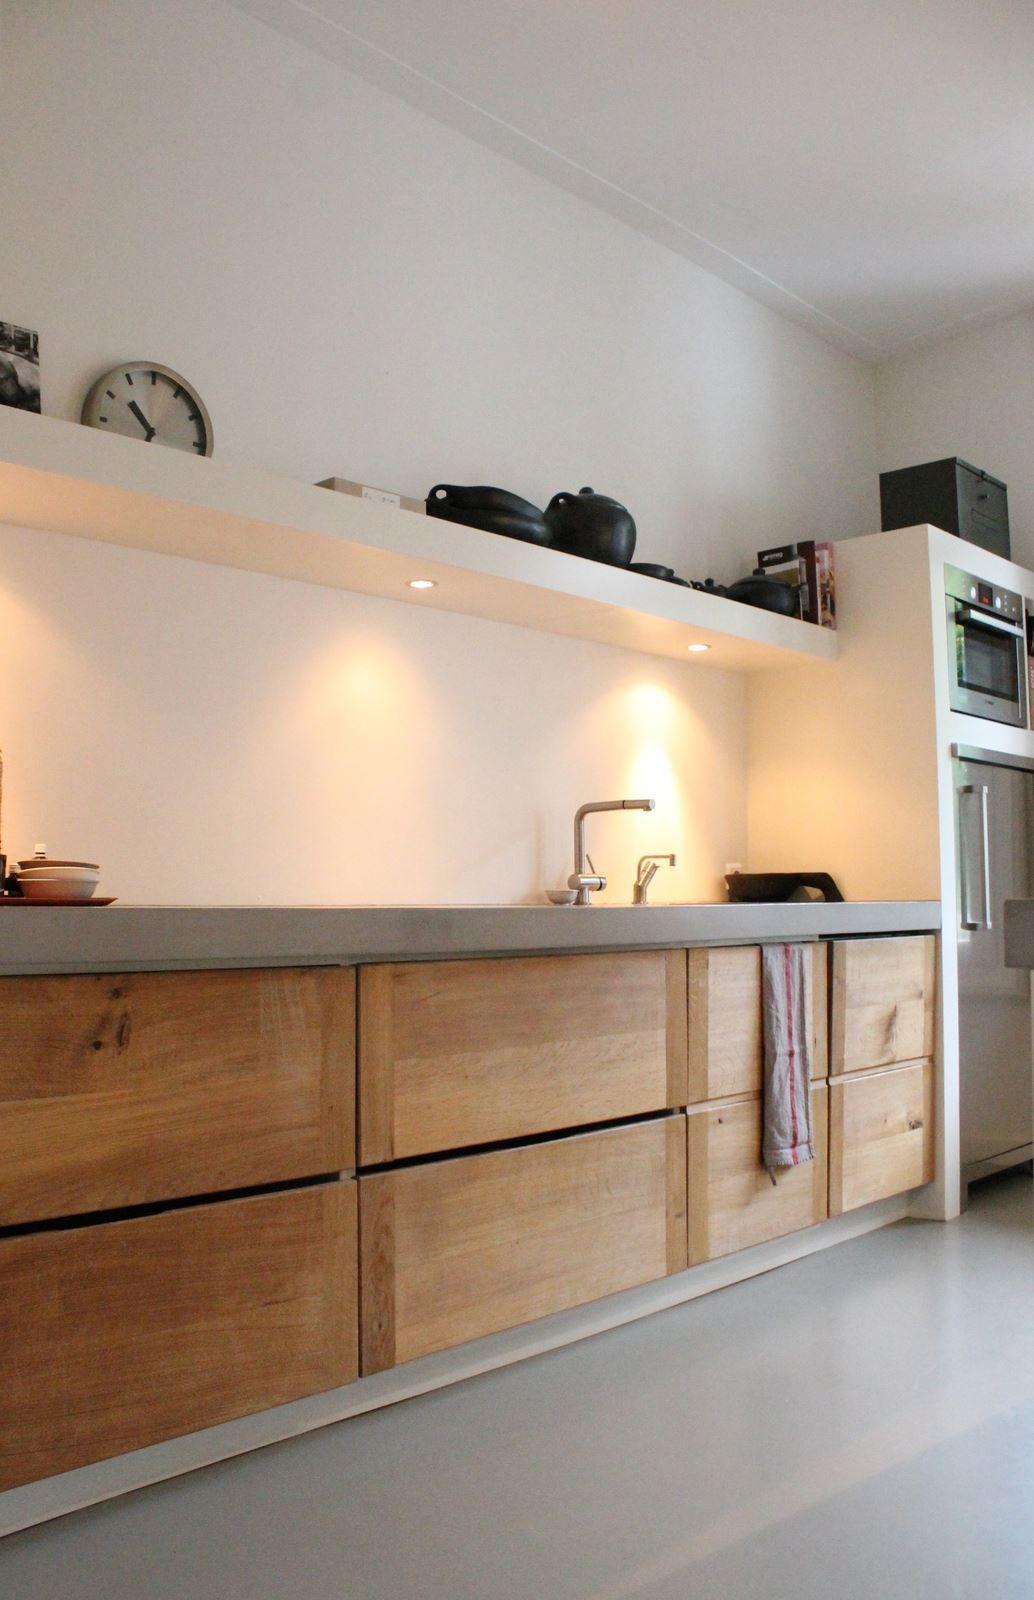 cucina-in-muratura-e280a2-70-idee-per-cucine-stile-moderno-rustico ...